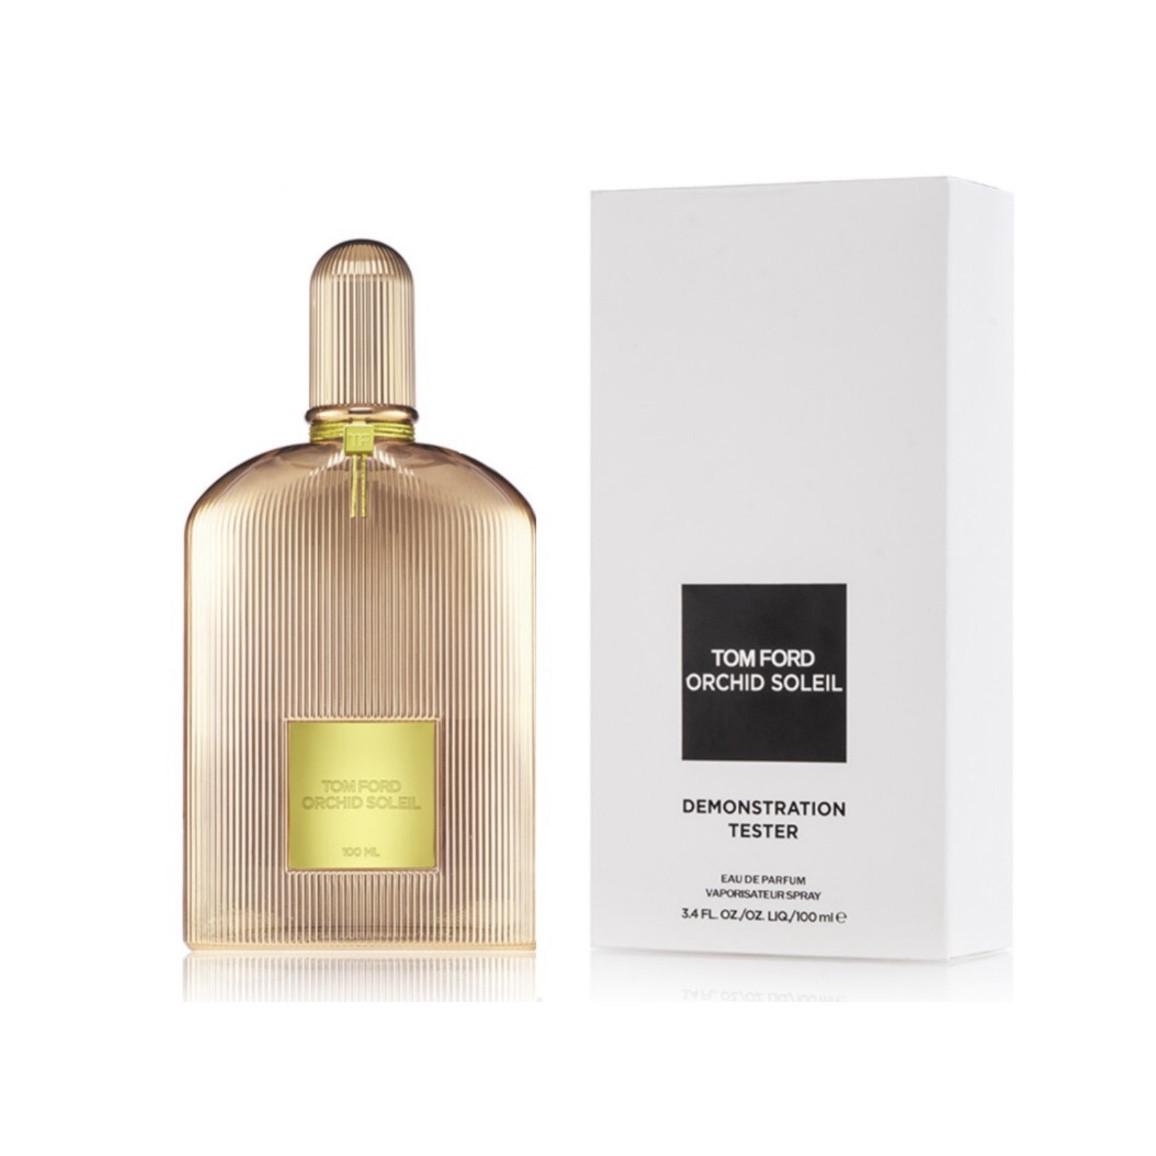 Женские духи ТЕСТЕР TOM FORD Orchid Soleil 100ml парфюмированная вода, восточно-белоцветочный аромат ОРИГИНАЛ